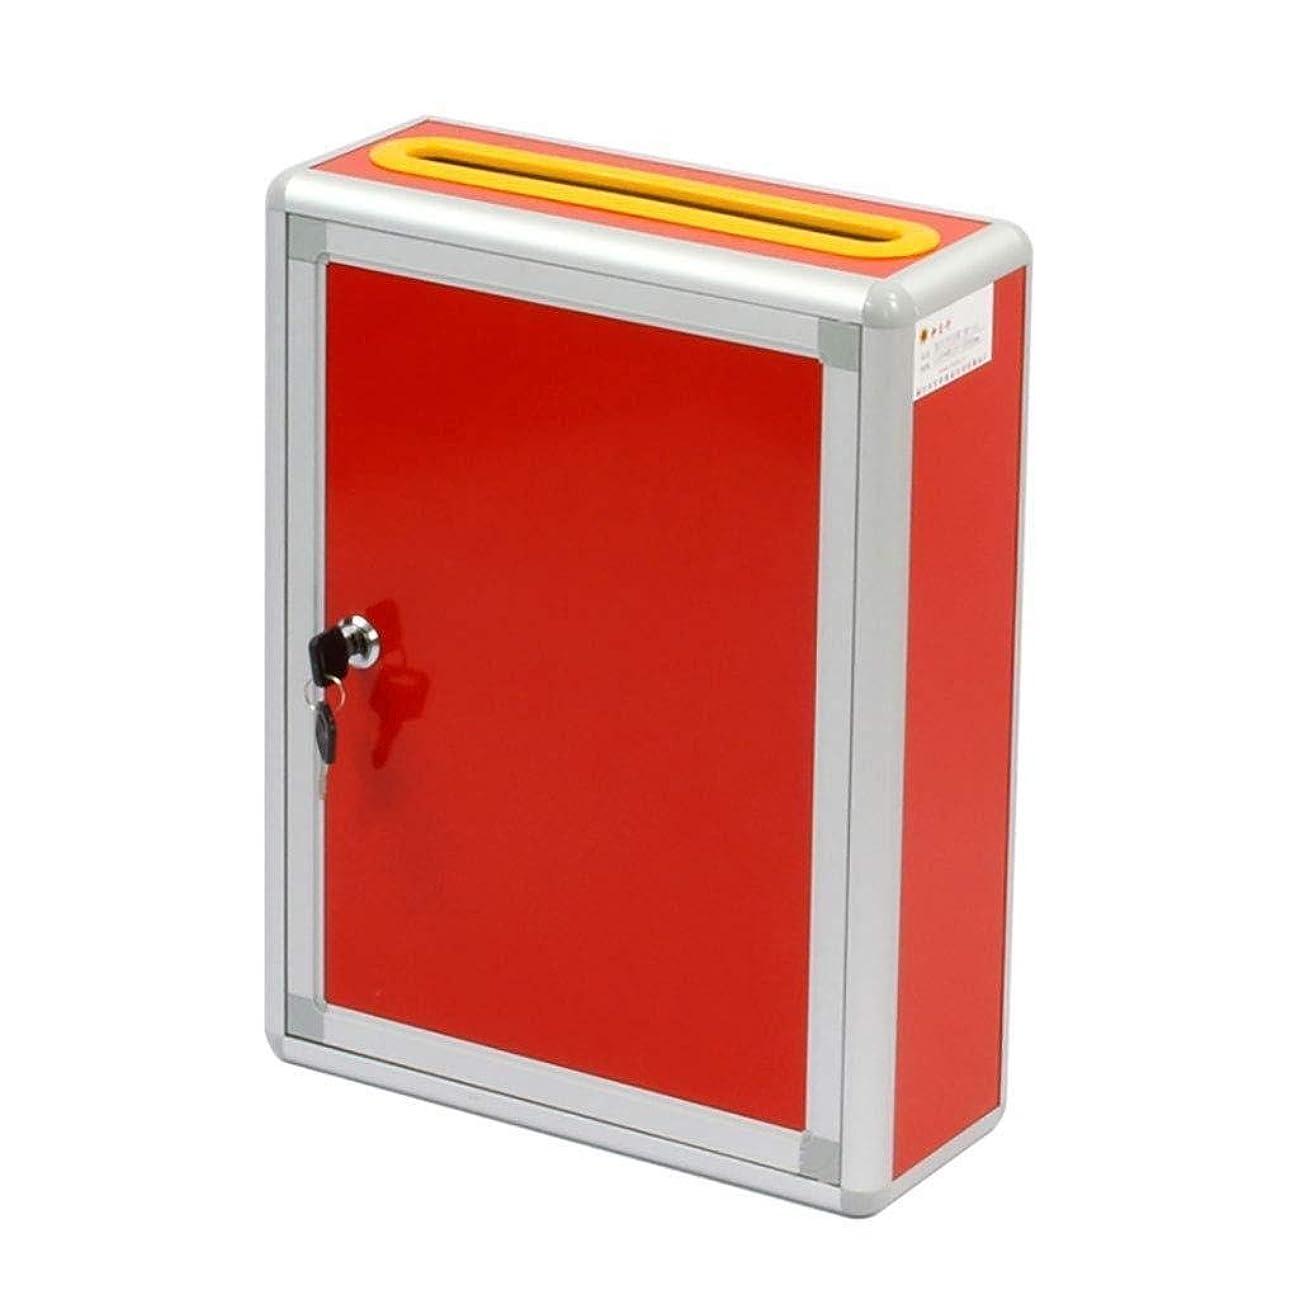 平らな邪魔する続編屋外のメールボックスの提案箱の赤い耐久の寄付箱壁に取り付けられた